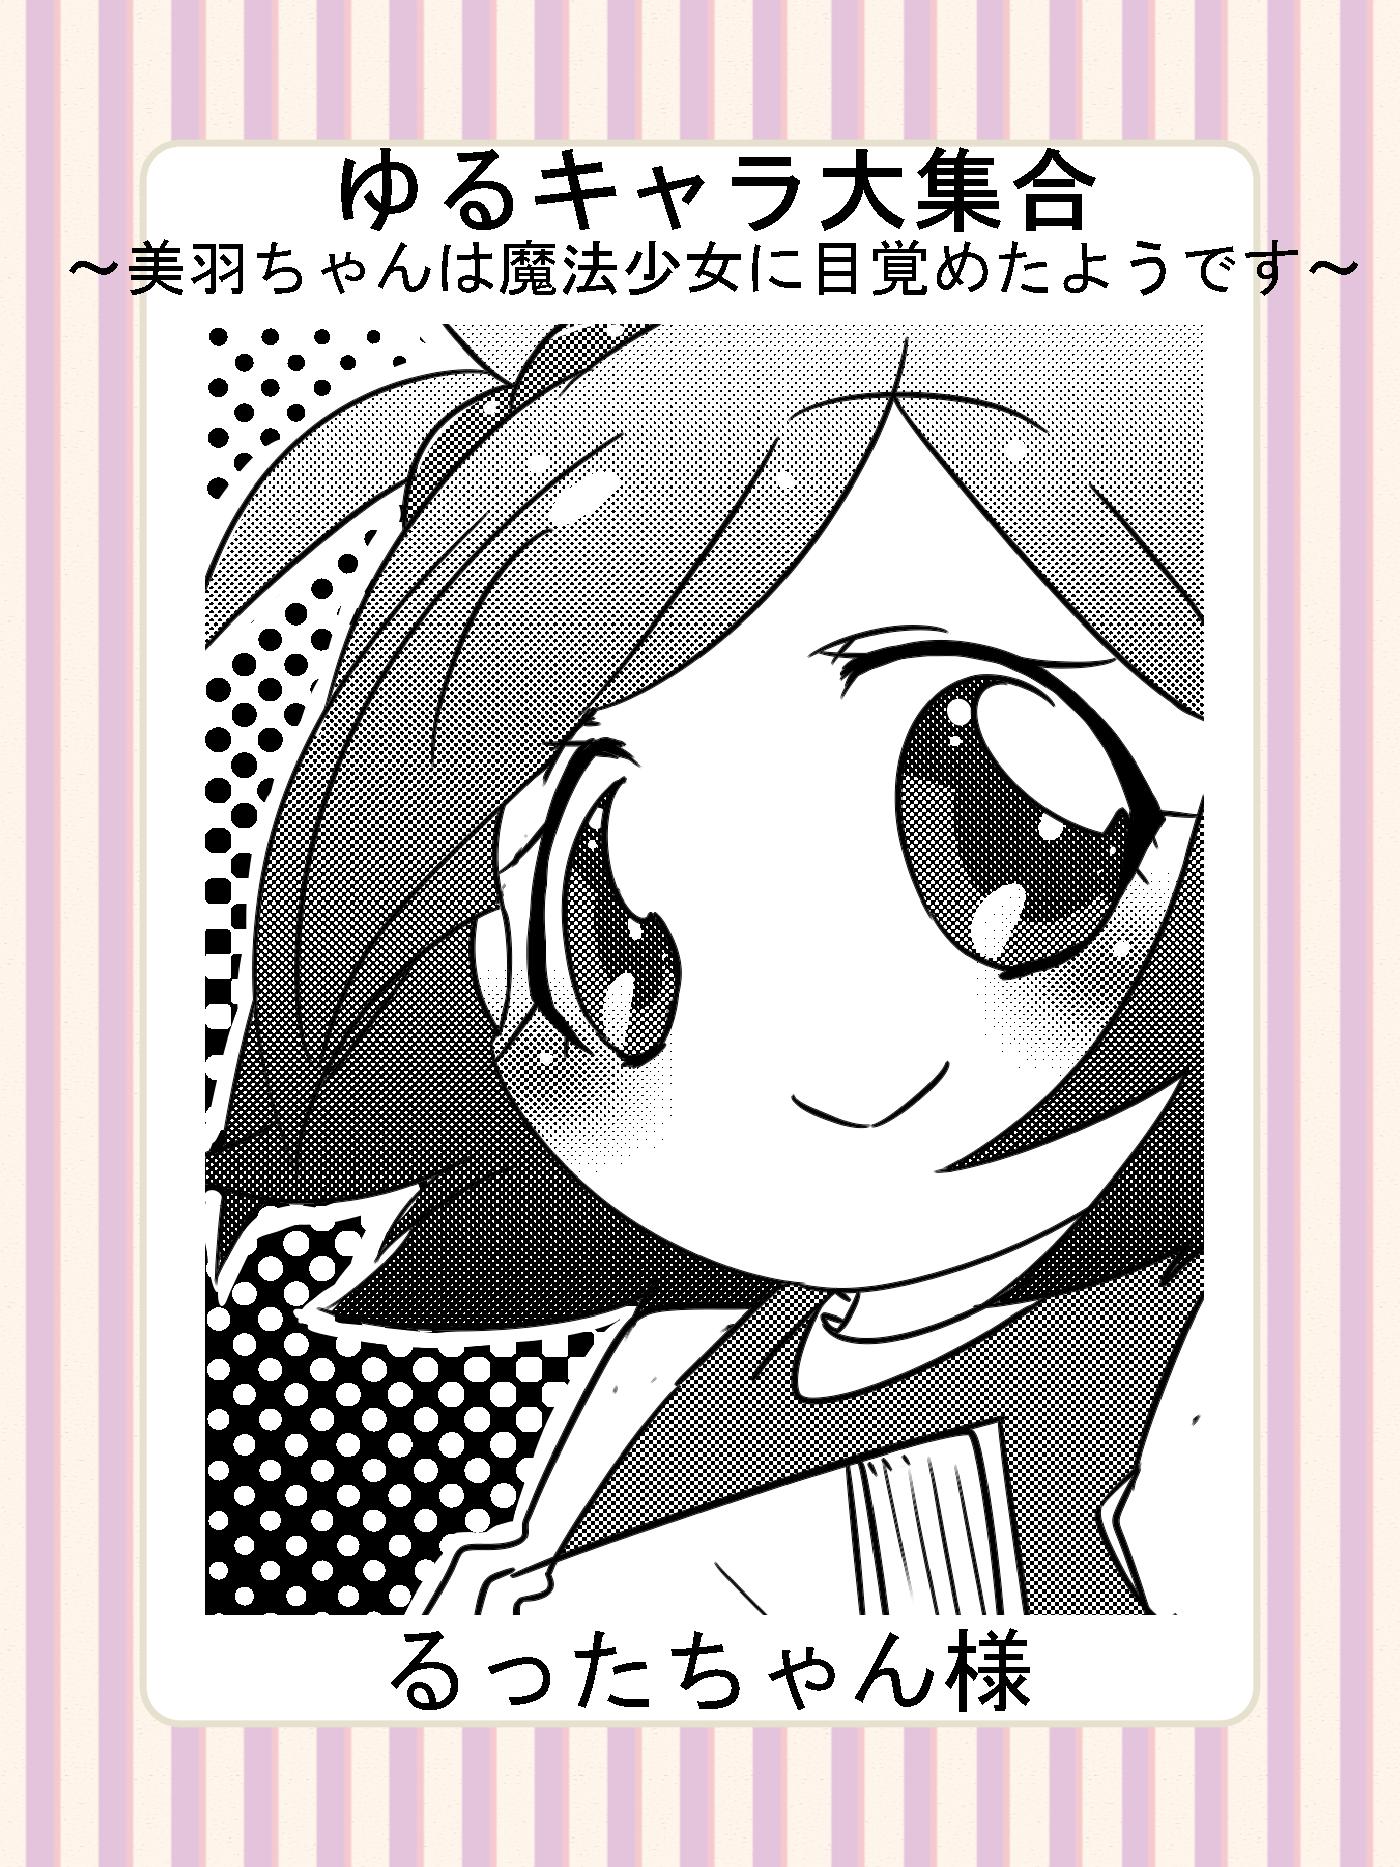 るったちゃん様/ゆるキャラ大集合~美羽ちゃんは魔法少女に目覚めたようです~